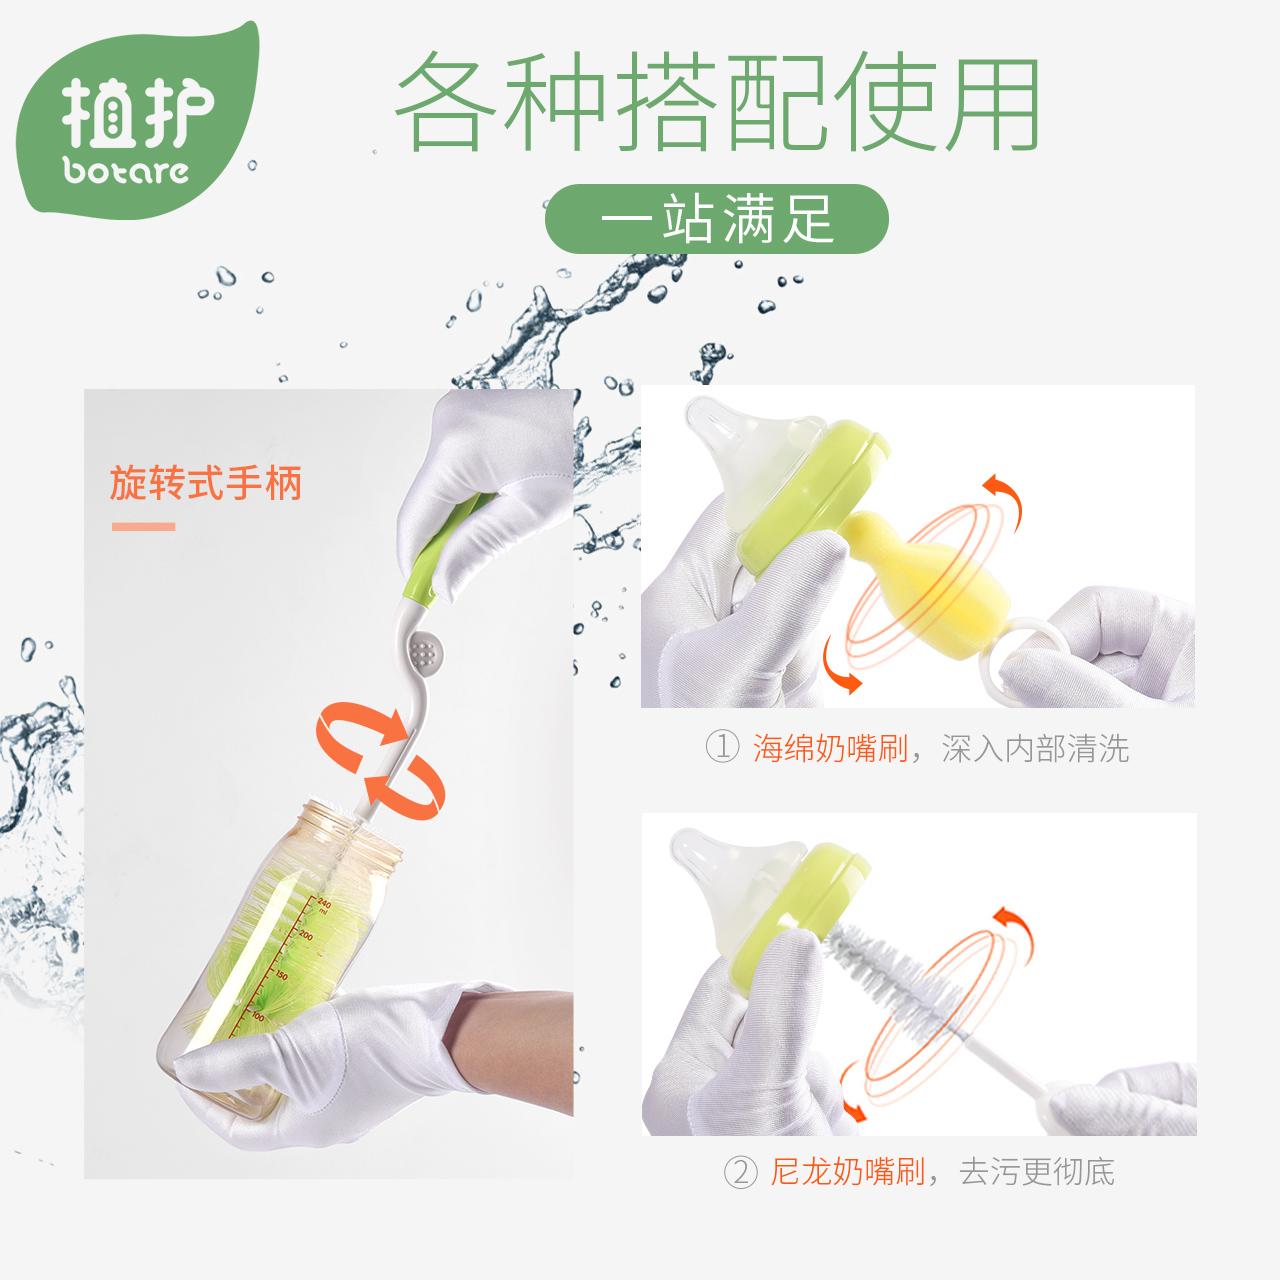 植护奶瓶刷子清洁刷套装奶嘴刷工具清洗剂清洁器毛刷海绵清洗刷